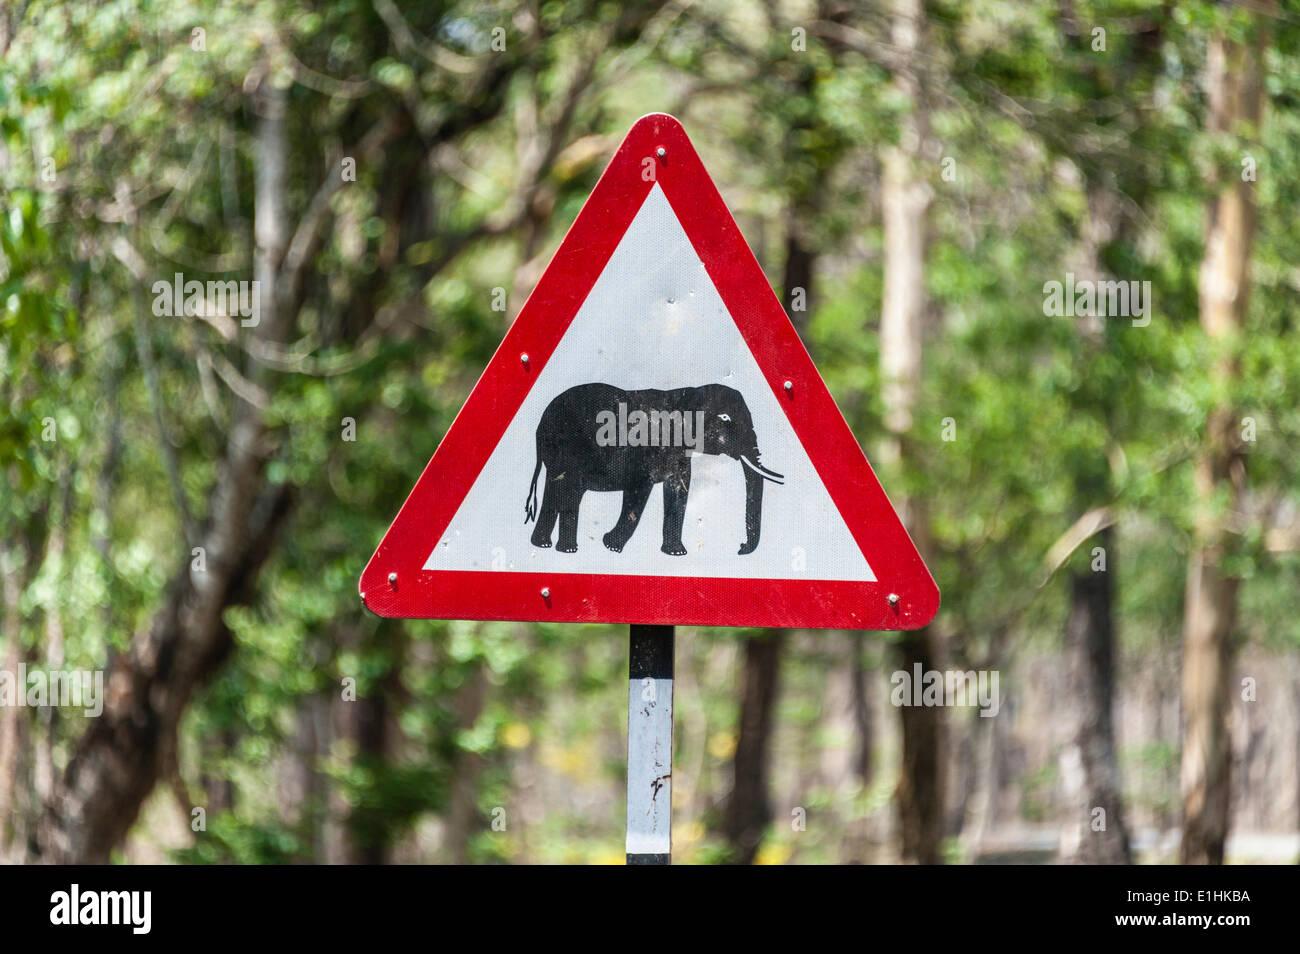 Verkehrszeichen, Warnung vor Überquerung Elefanten, Nagarhole Nationalpark, Karnataka, Indien Stockbild